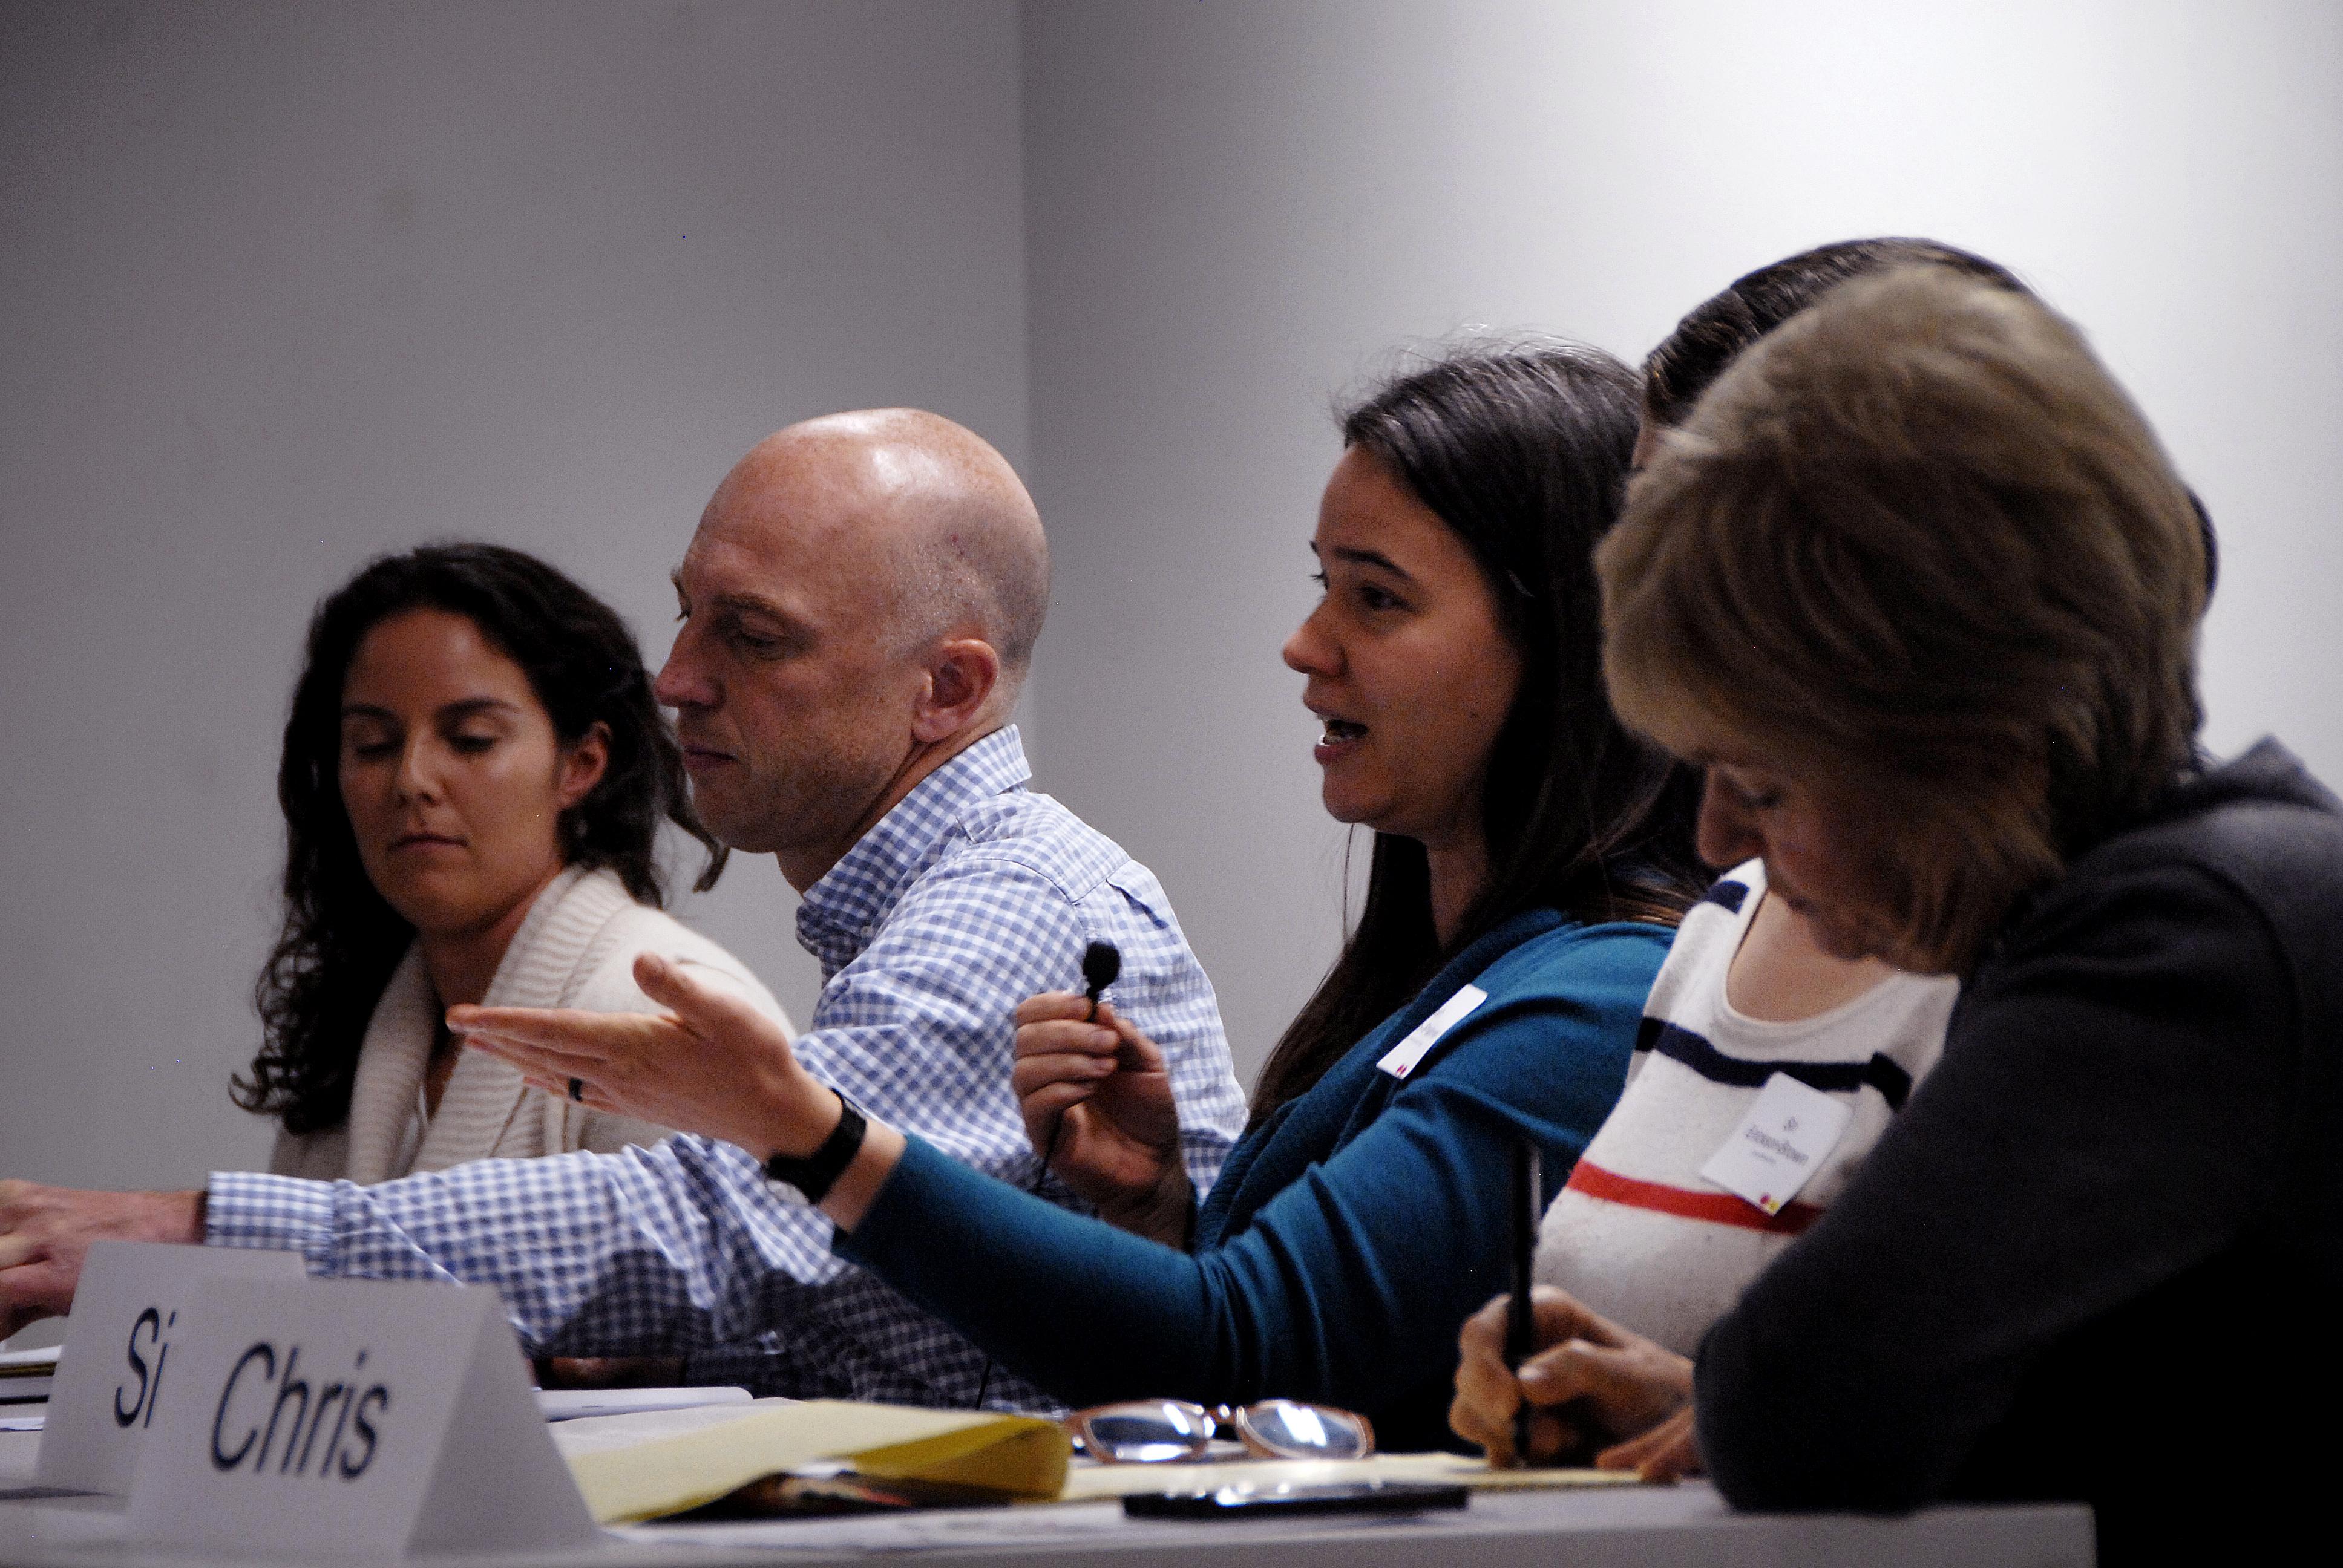 five panelists speaking on stage